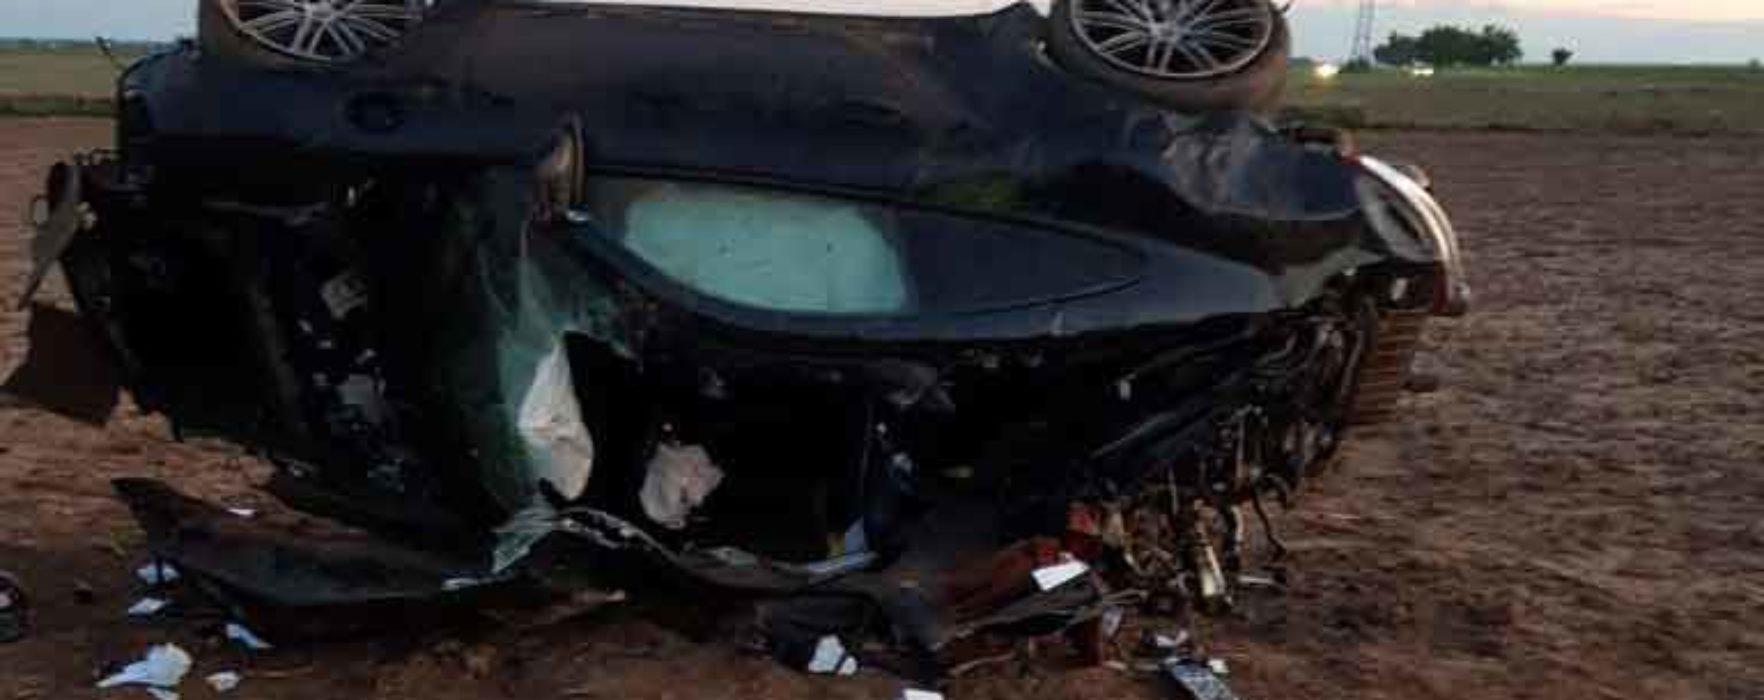 Dâmboviţa: S-a răsturnat cu maşina şi a murit; Poliţia a găsit în autovehicul două plase cu bani